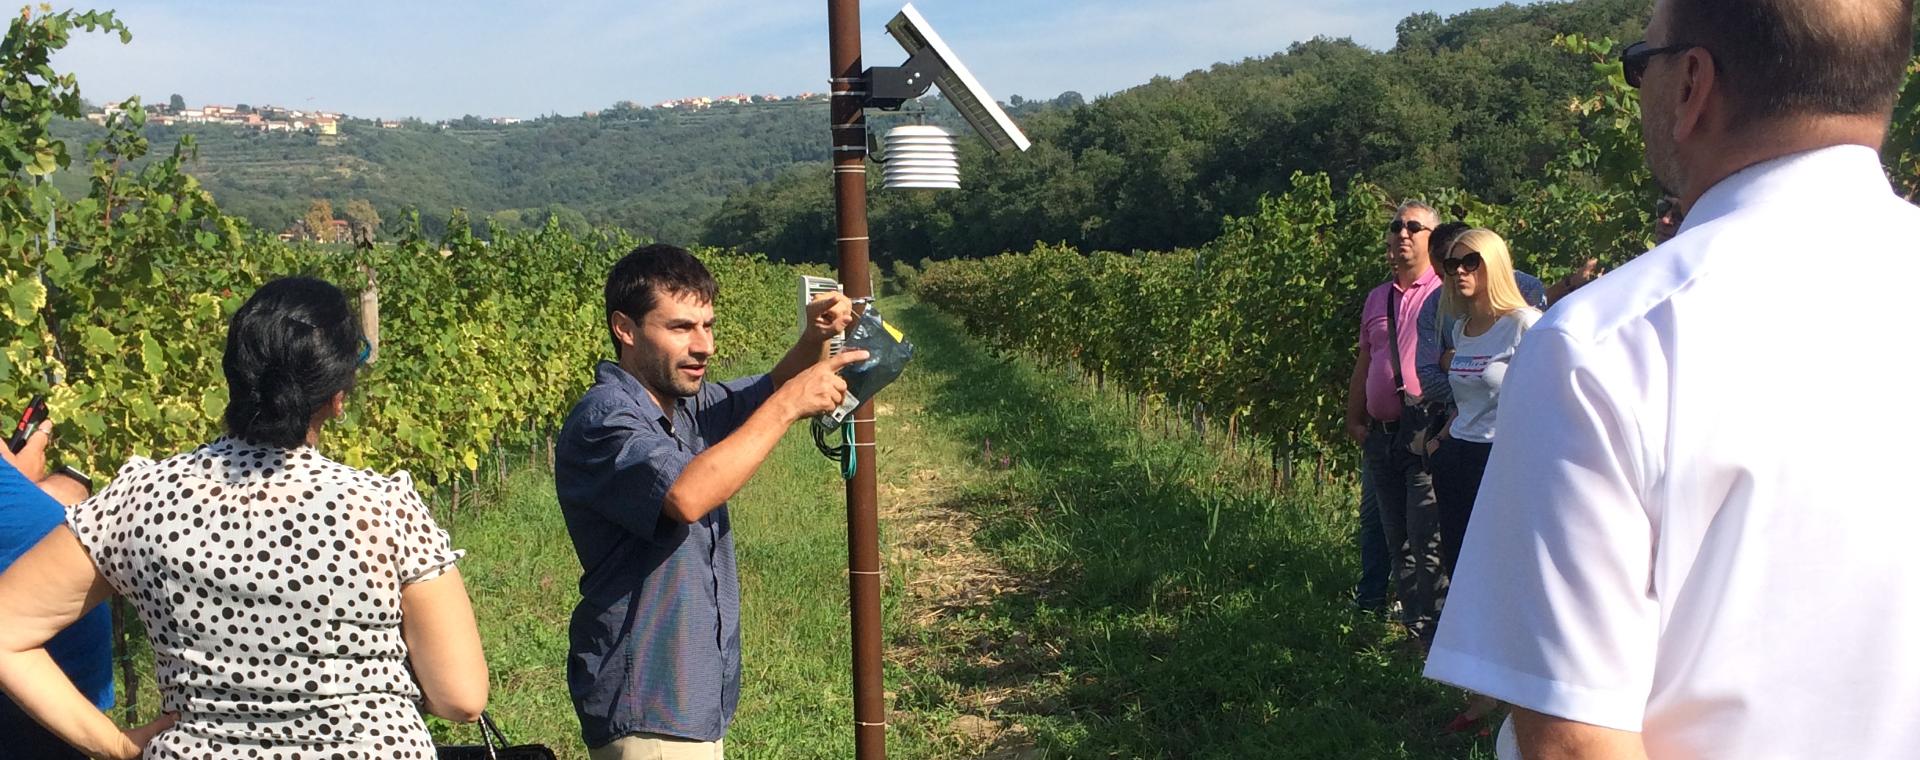 Tecnologie ICT in viticoltura: SUSGRAPE presentato ai Paesi dei Balcani sud-orientali